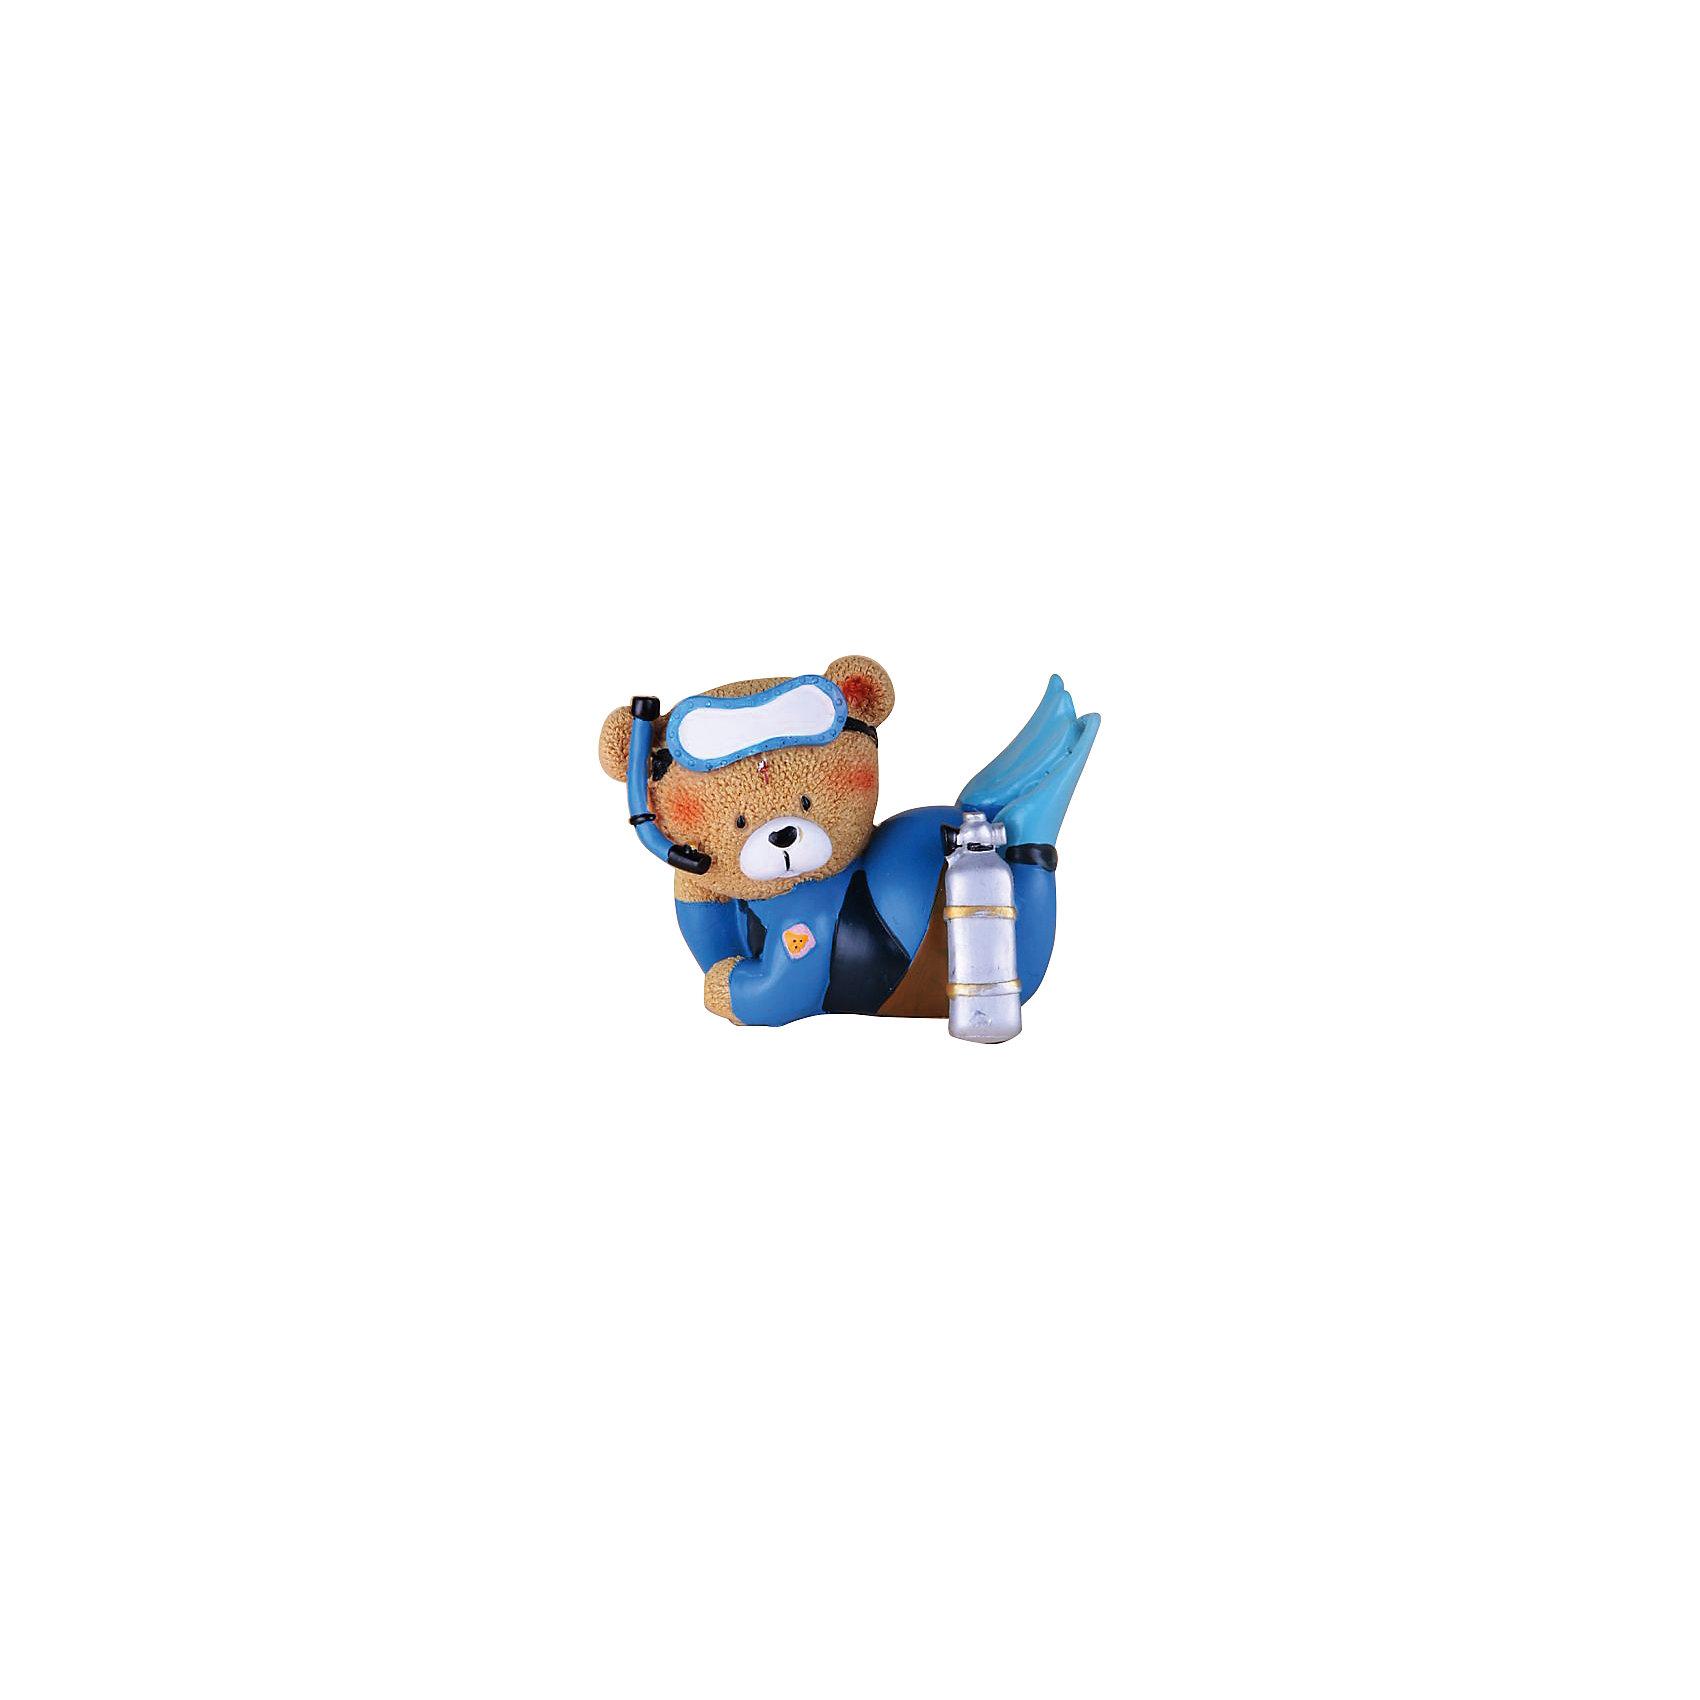 Декоративная фигурка Мишка-аквалангистМилая декоративная фигурка Мишка-аквалангист станет прекрасным подарком или памятным сувениром на любой праздник. <br><br>Дополнительная информация:<br><br>- Материал: полирезина.<br>- Размер: 11х9,5х14 см.<br><br>Декоративную фигурку Мишка-аквалангист можно купить в нашем магазине.<br><br>Ширина мм: 140<br>Глубина мм: 120<br>Высота мм: 110<br>Вес г: 219<br>Возраст от месяцев: 36<br>Возраст до месяцев: 2147483647<br>Пол: Мужской<br>Возраст: Детский<br>SKU: 4087373